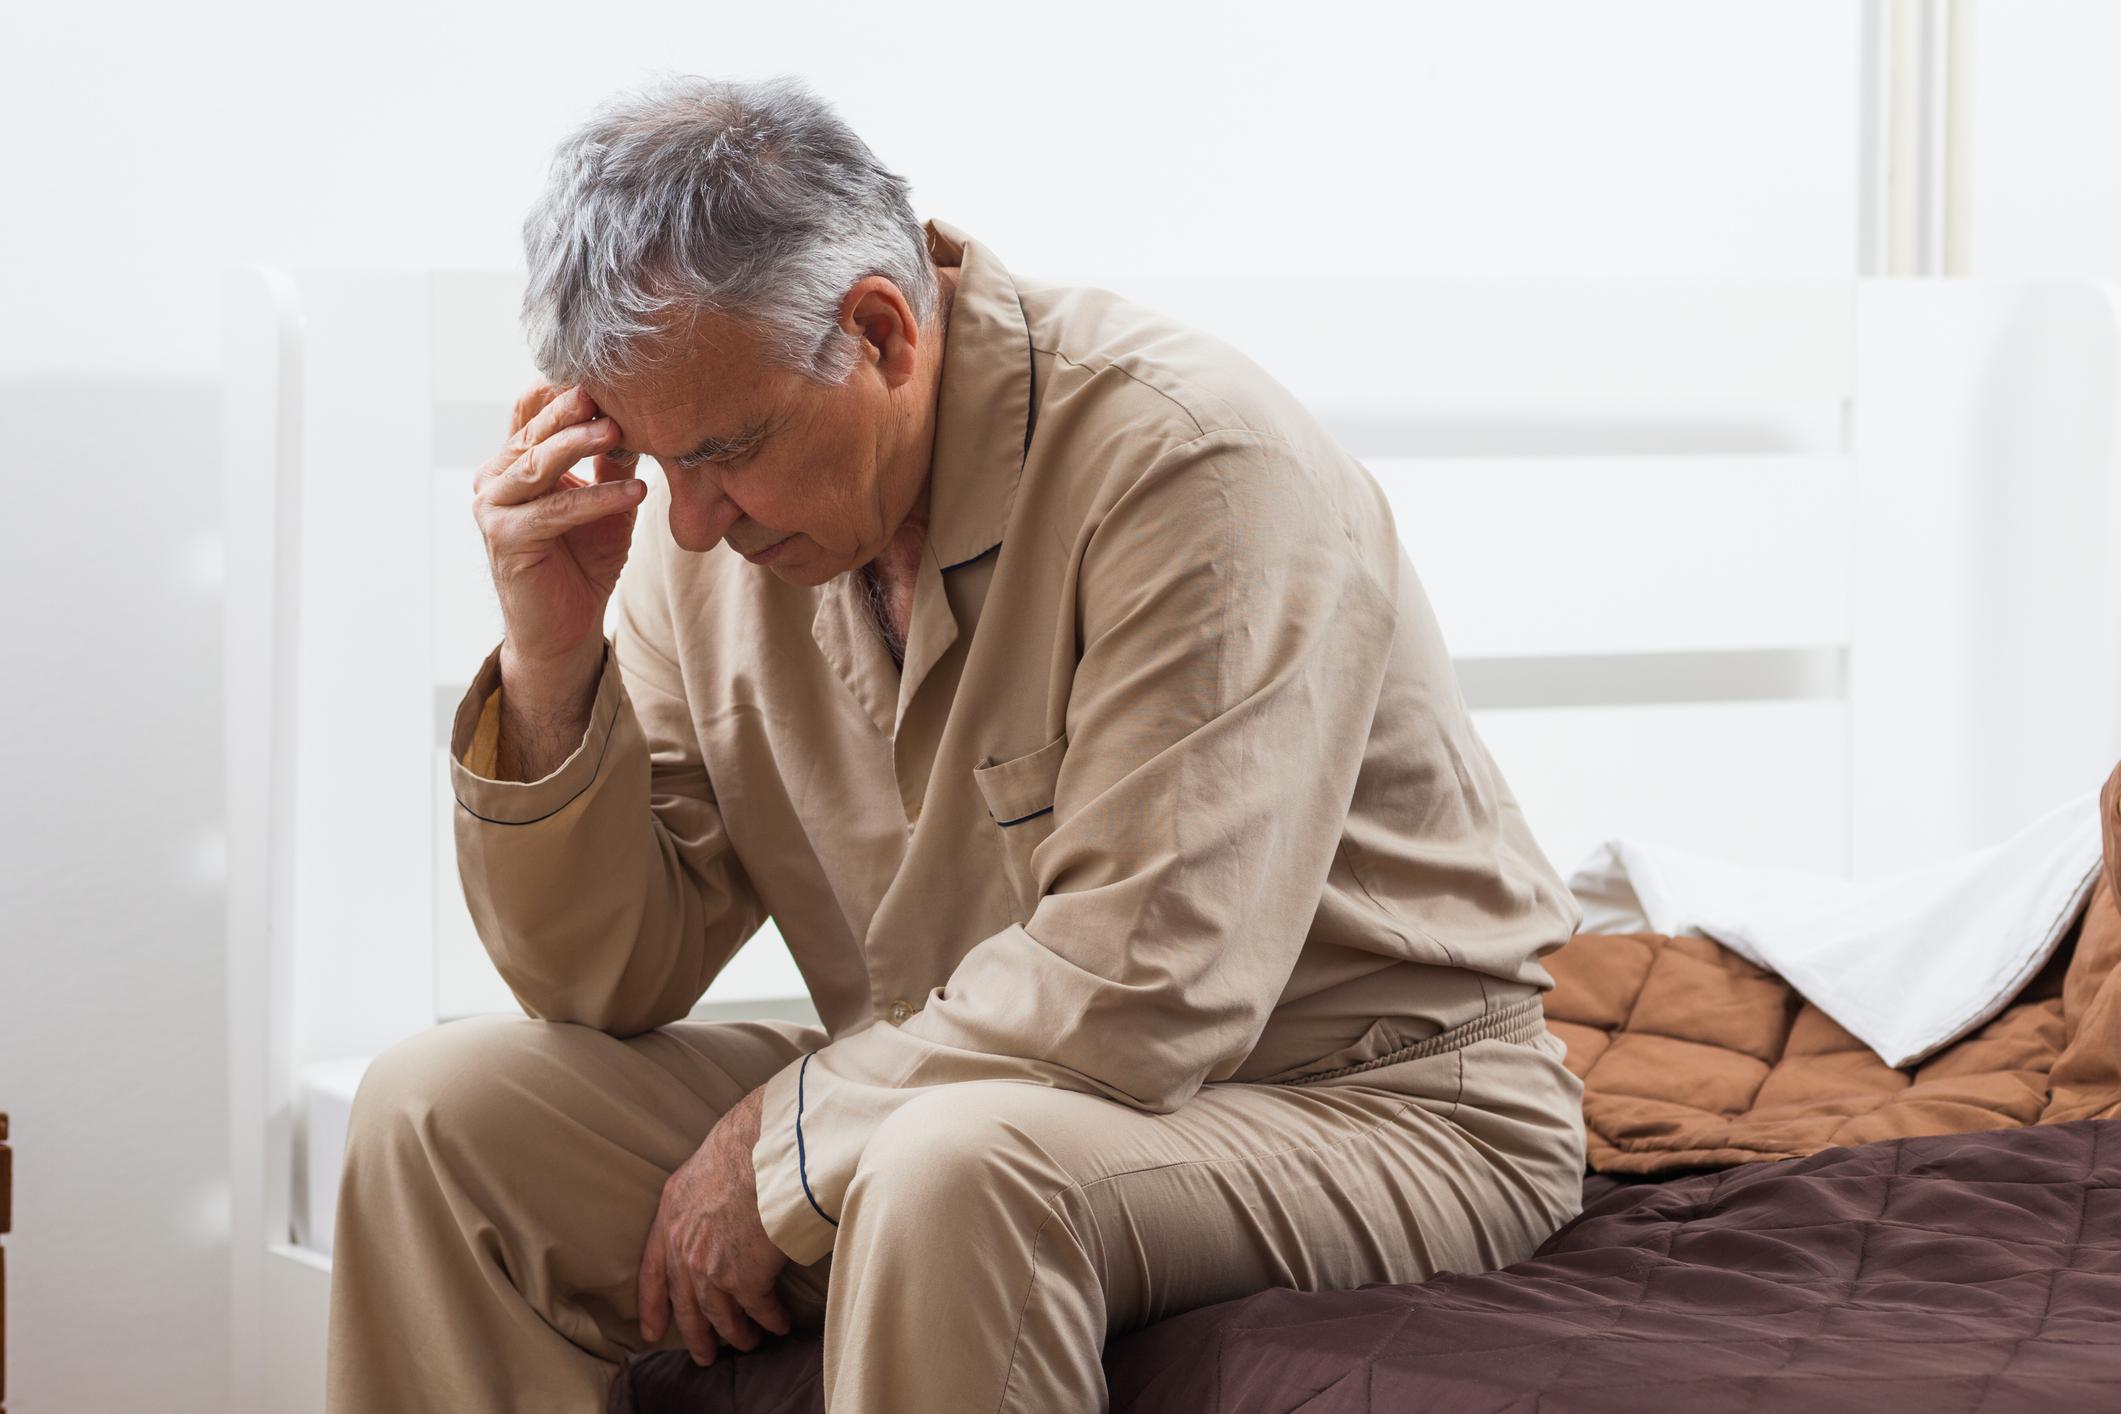 alzheimer's dosease and sleep disorders